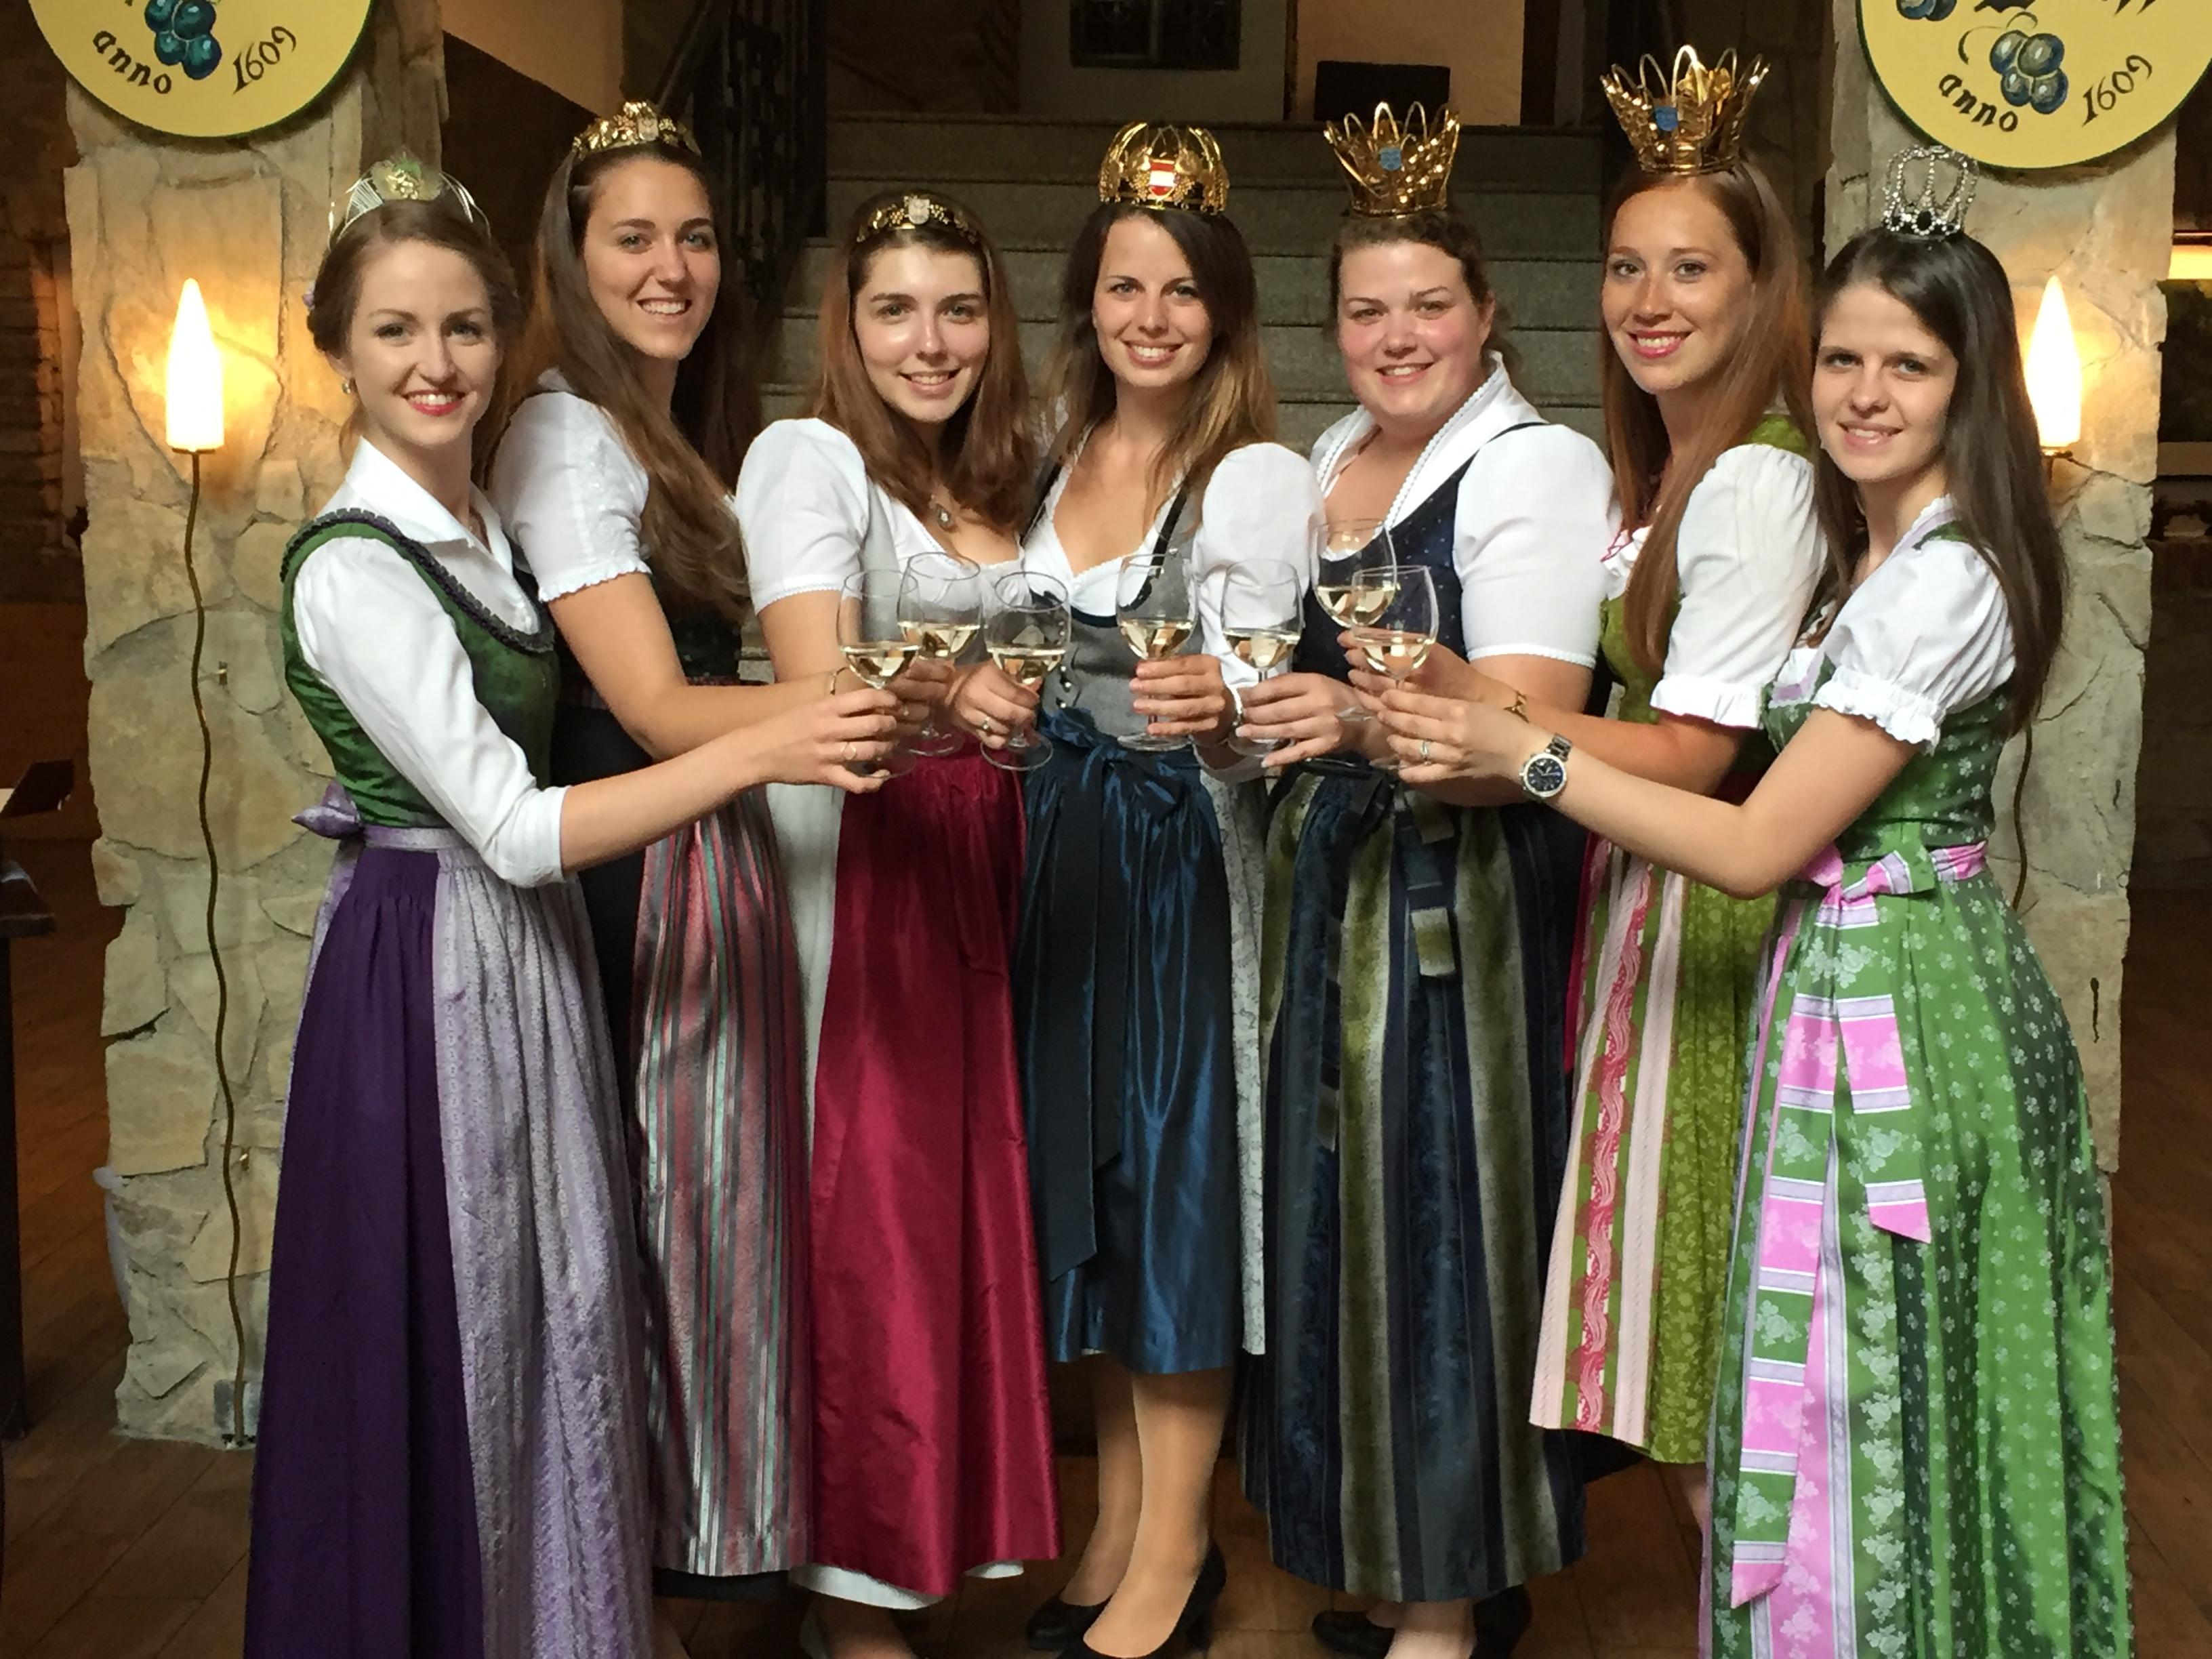 v.l.n.r. Johanna Resch (Weinkönigin der Steiermark), Elisabeth Wolff (Wiens Weinkönigin), Iris-Maria Wolff (Wiens Weinprinzessin), Christina Hugl (Bundes-Weinkönigin aus NÖ), Dagmar Kohl (NÖ Vize-Weinkönigin), Victoria Gottschuly (NÖ Vize-Weinkönigin) und Melanie Moser (NÖ Weinprinzessin)